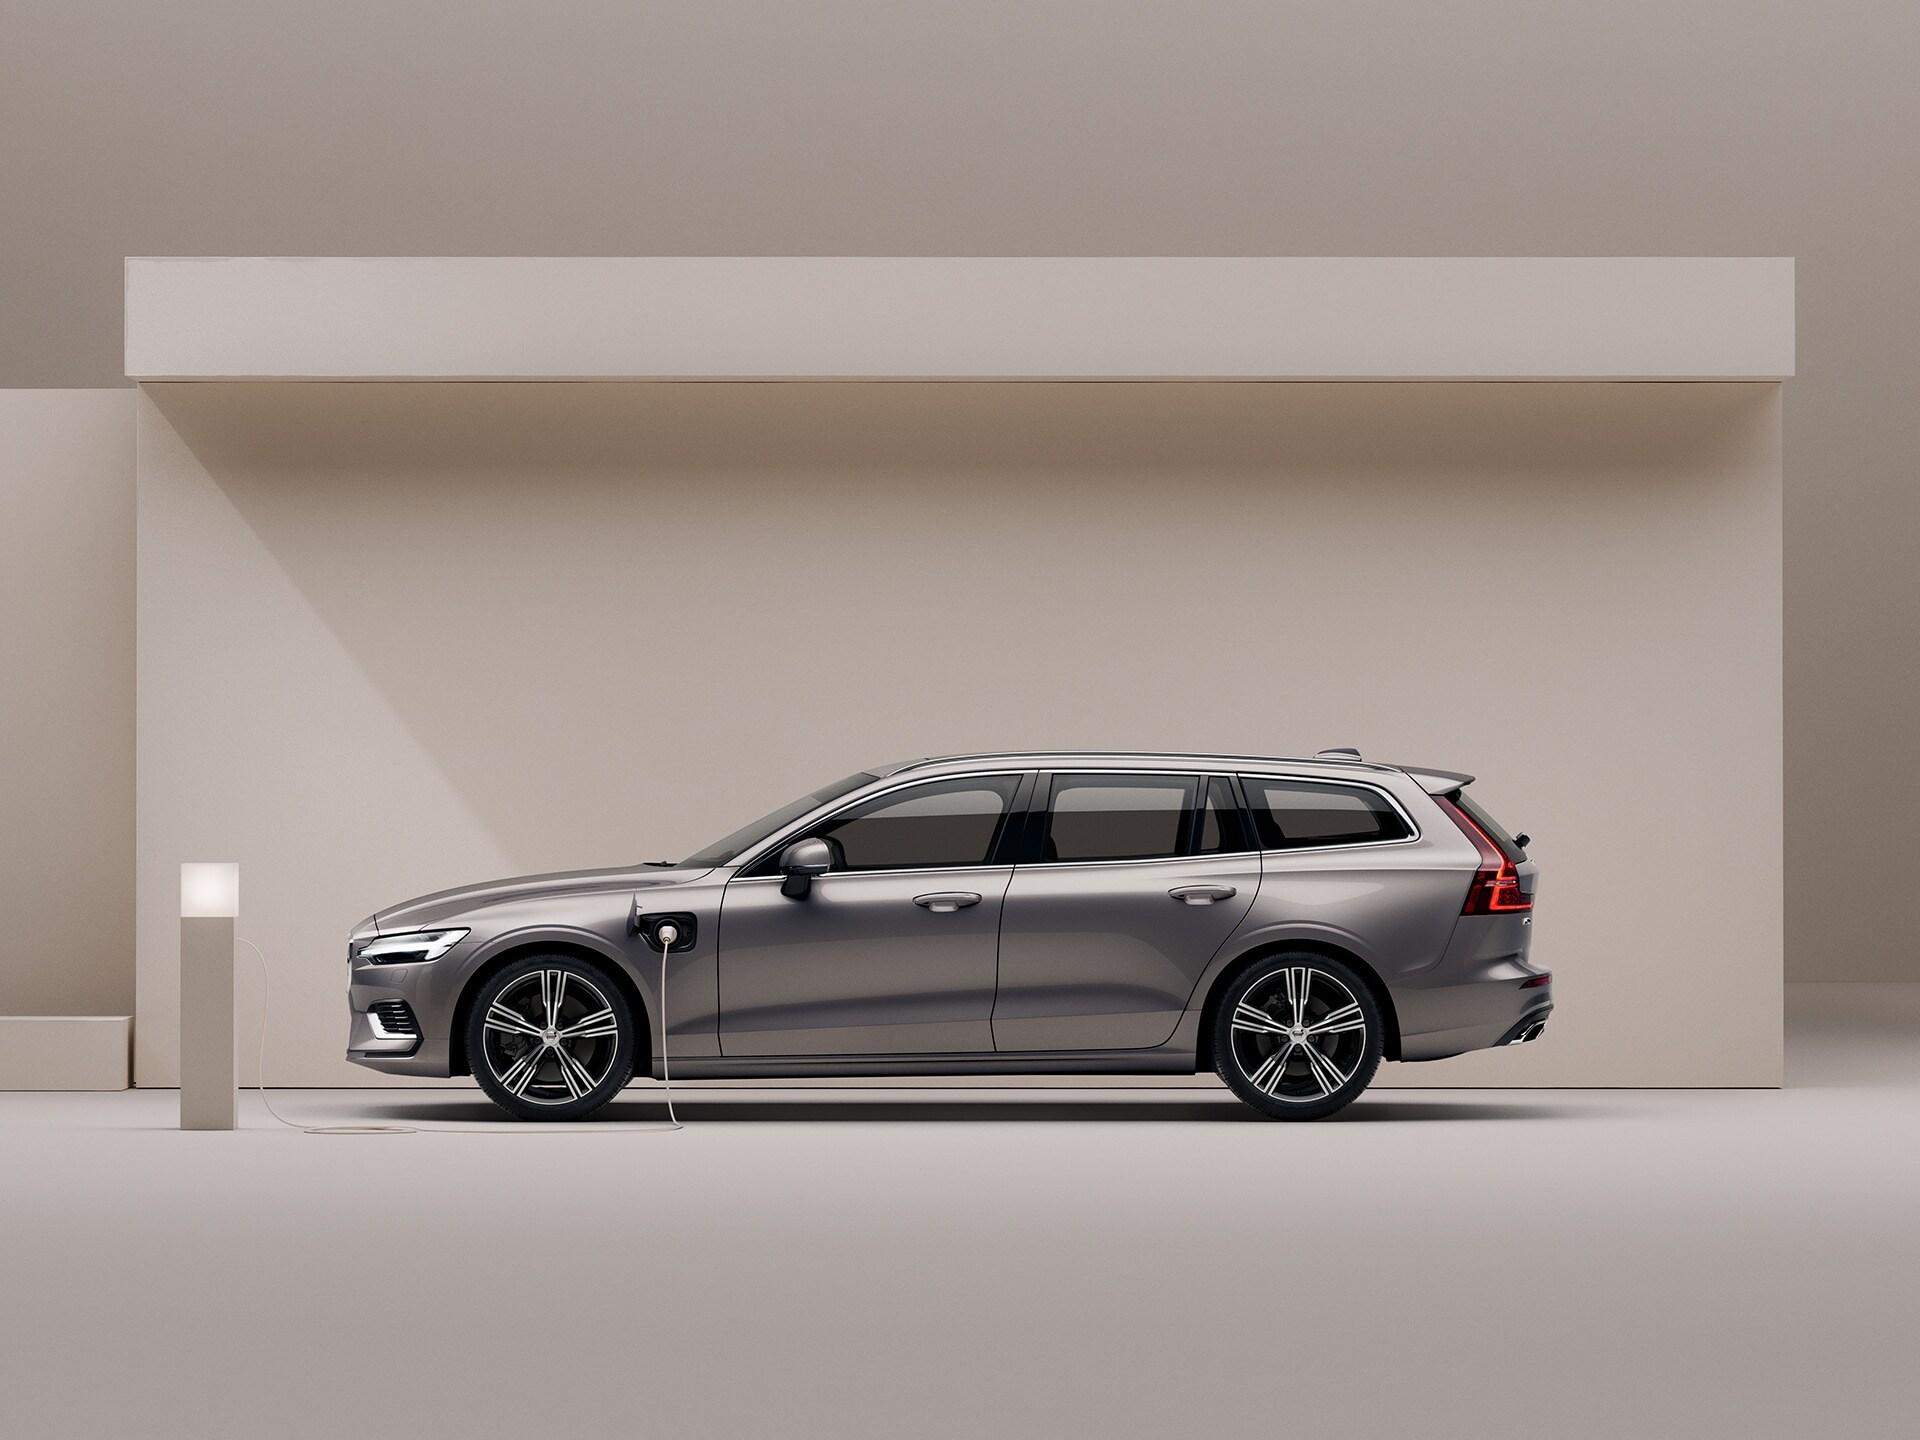 Автомобіль Volvo V60 Recharge кольору Beige заряджається в оточенні бежевого забарвлення